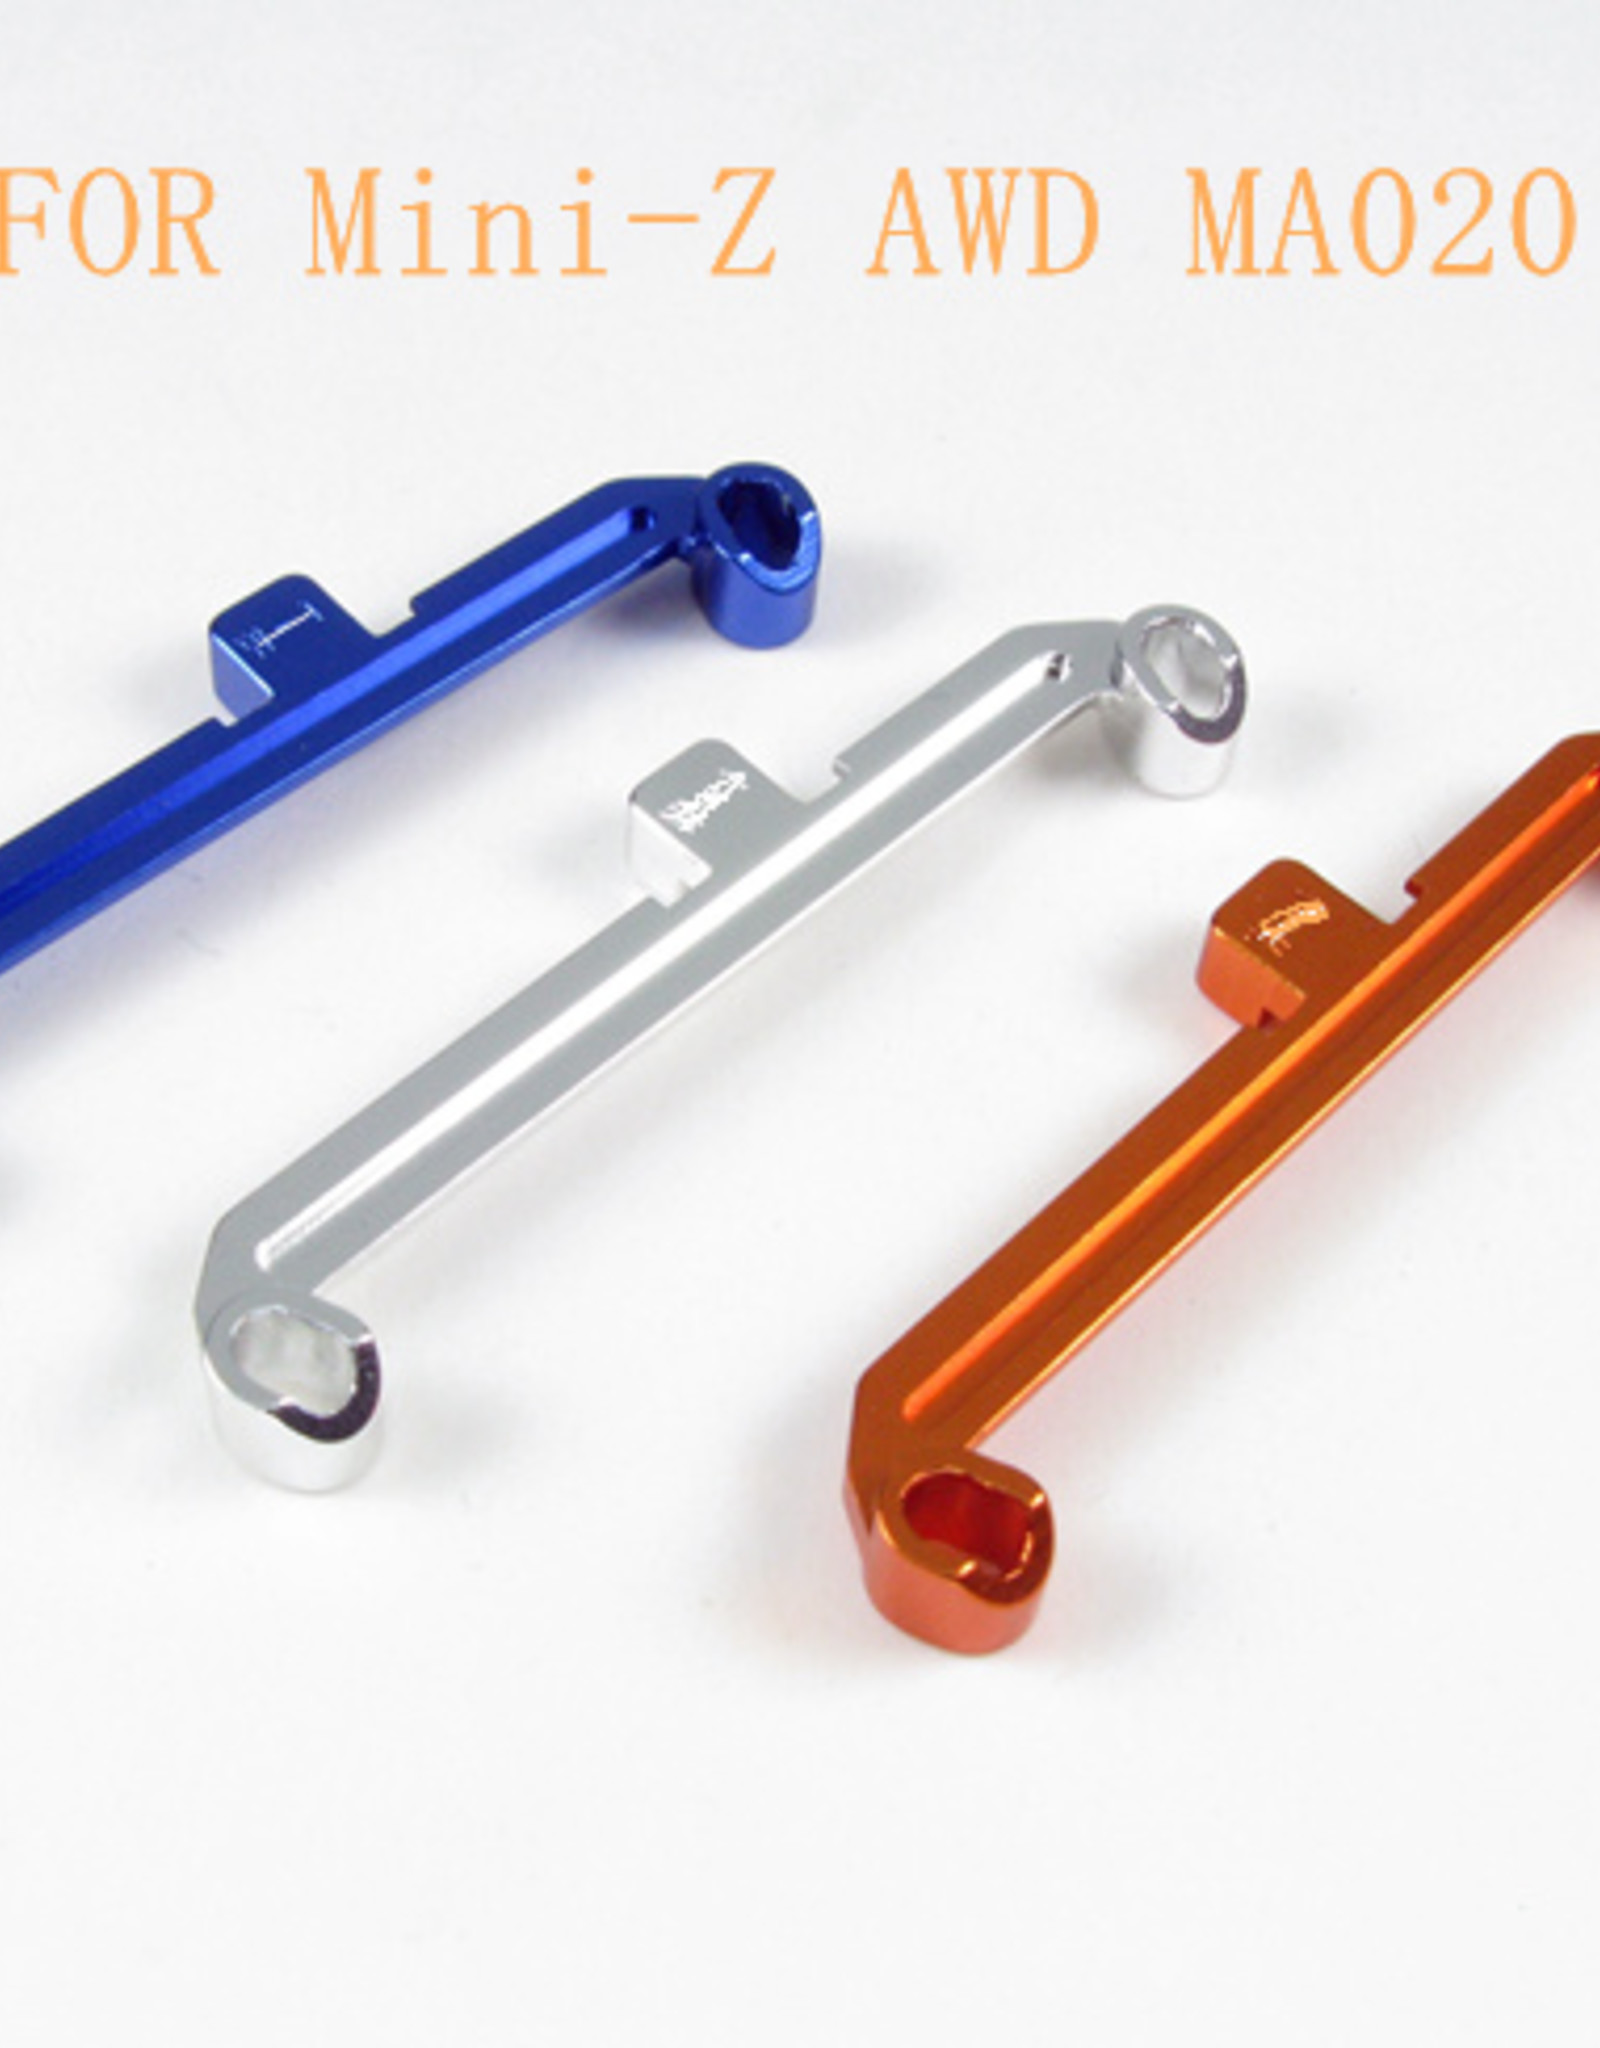 Pn Racing PN Racing Mini-Z AWD MA020 Alumium Tie Rod W-0 (Silver)